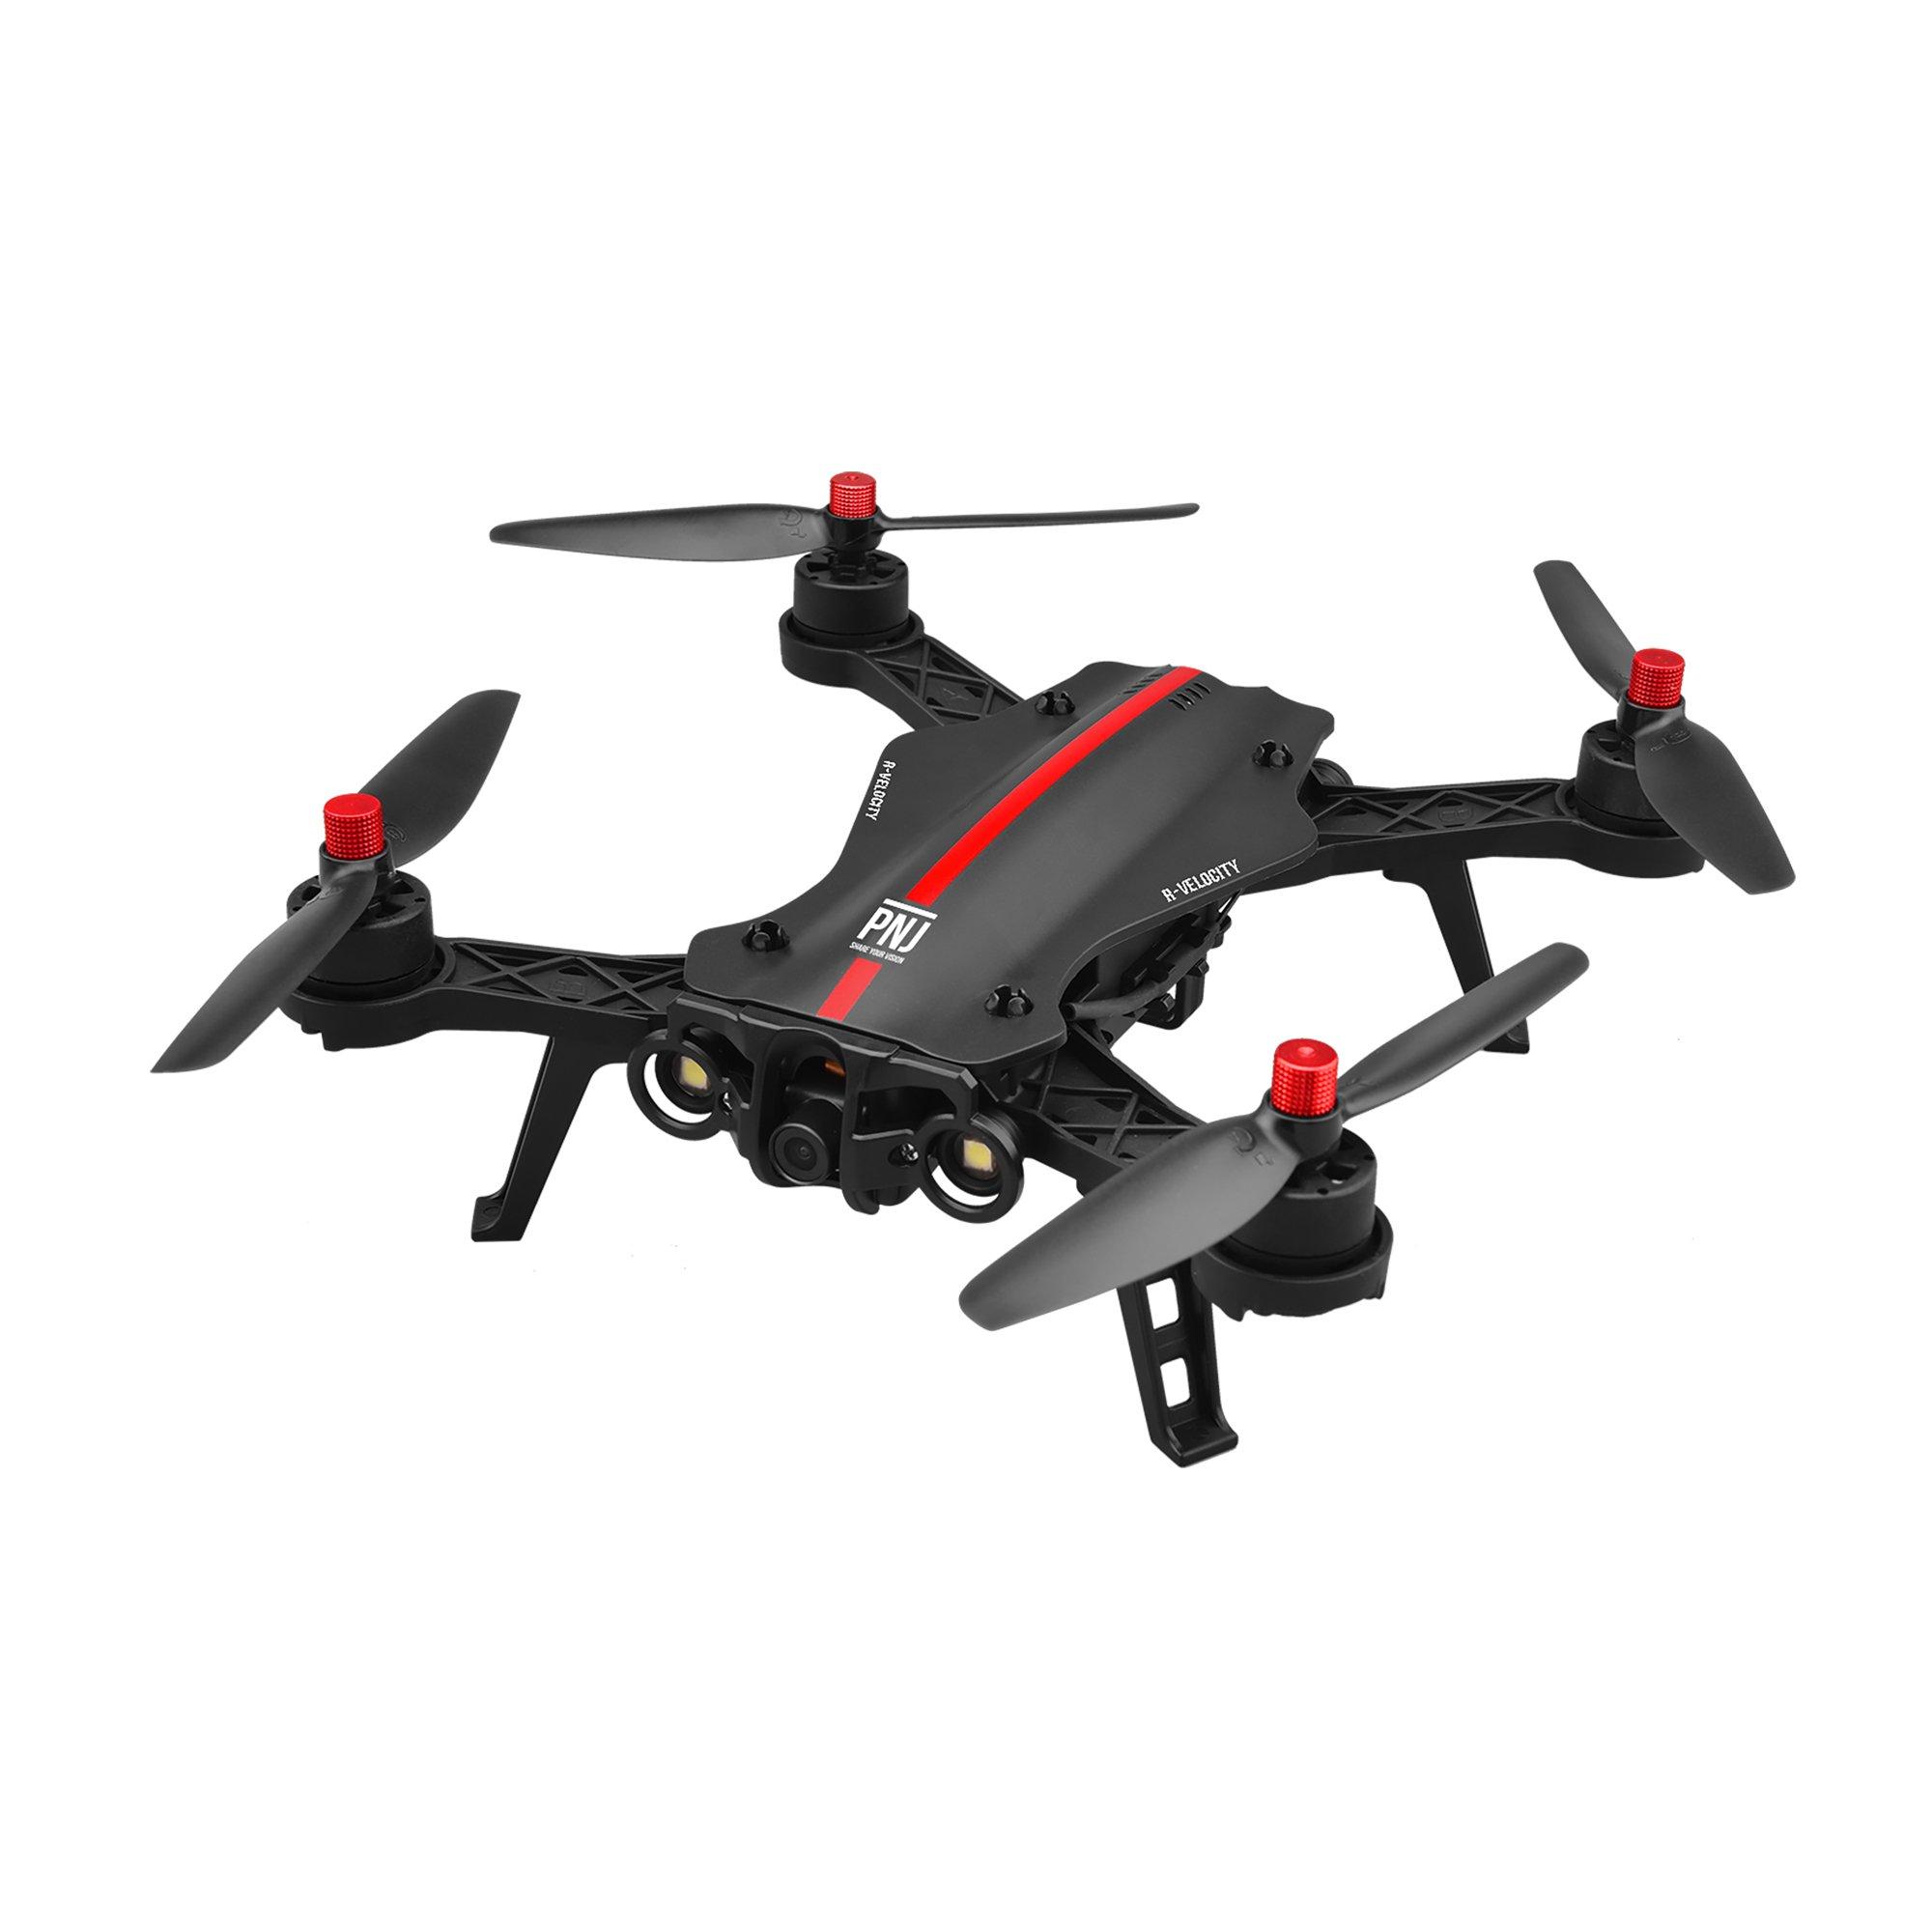 Padrões de utilização de Drones de passeios no Brasil?